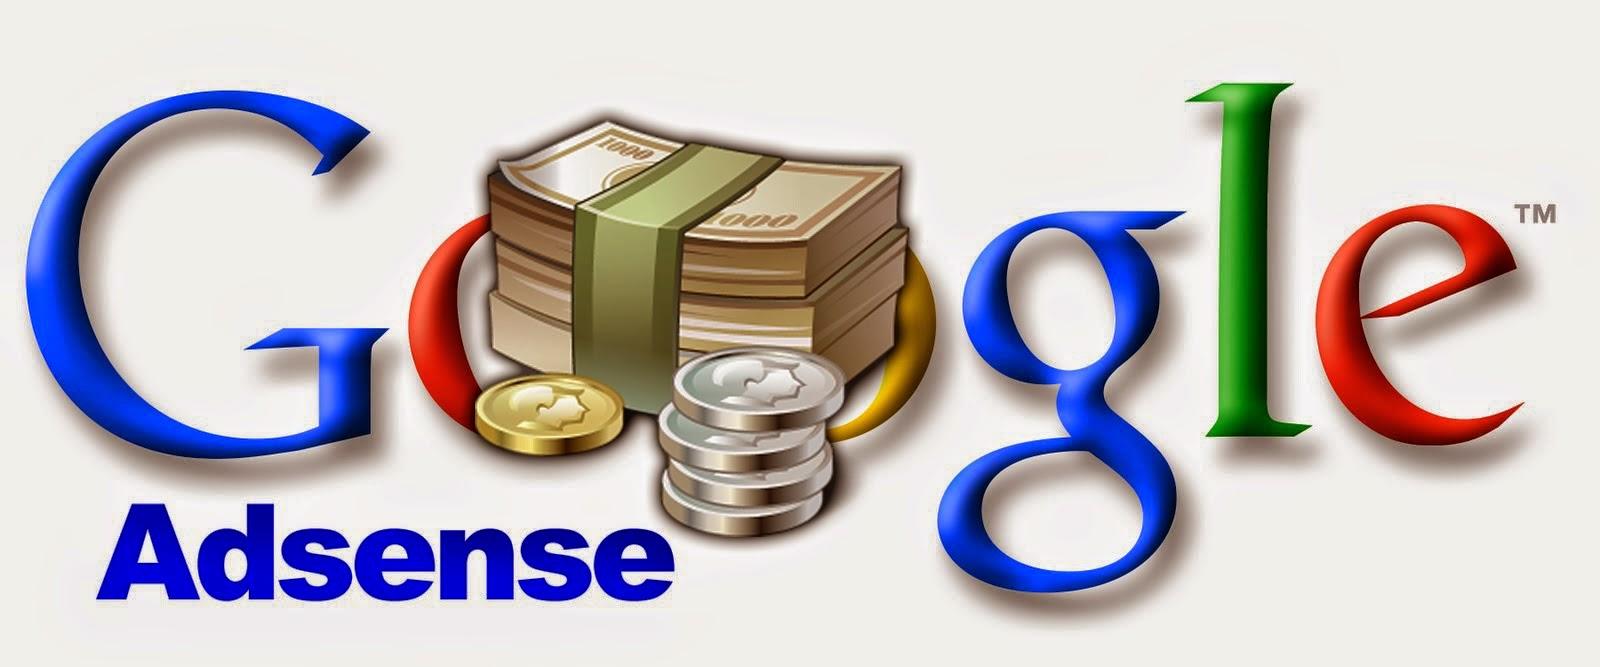 Google Adsense dalam Rupiah